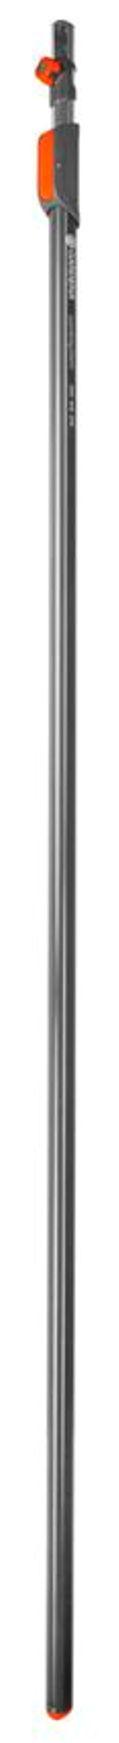 Gardena cs-teleskopická násada 210 - 390 cm, 3721-20